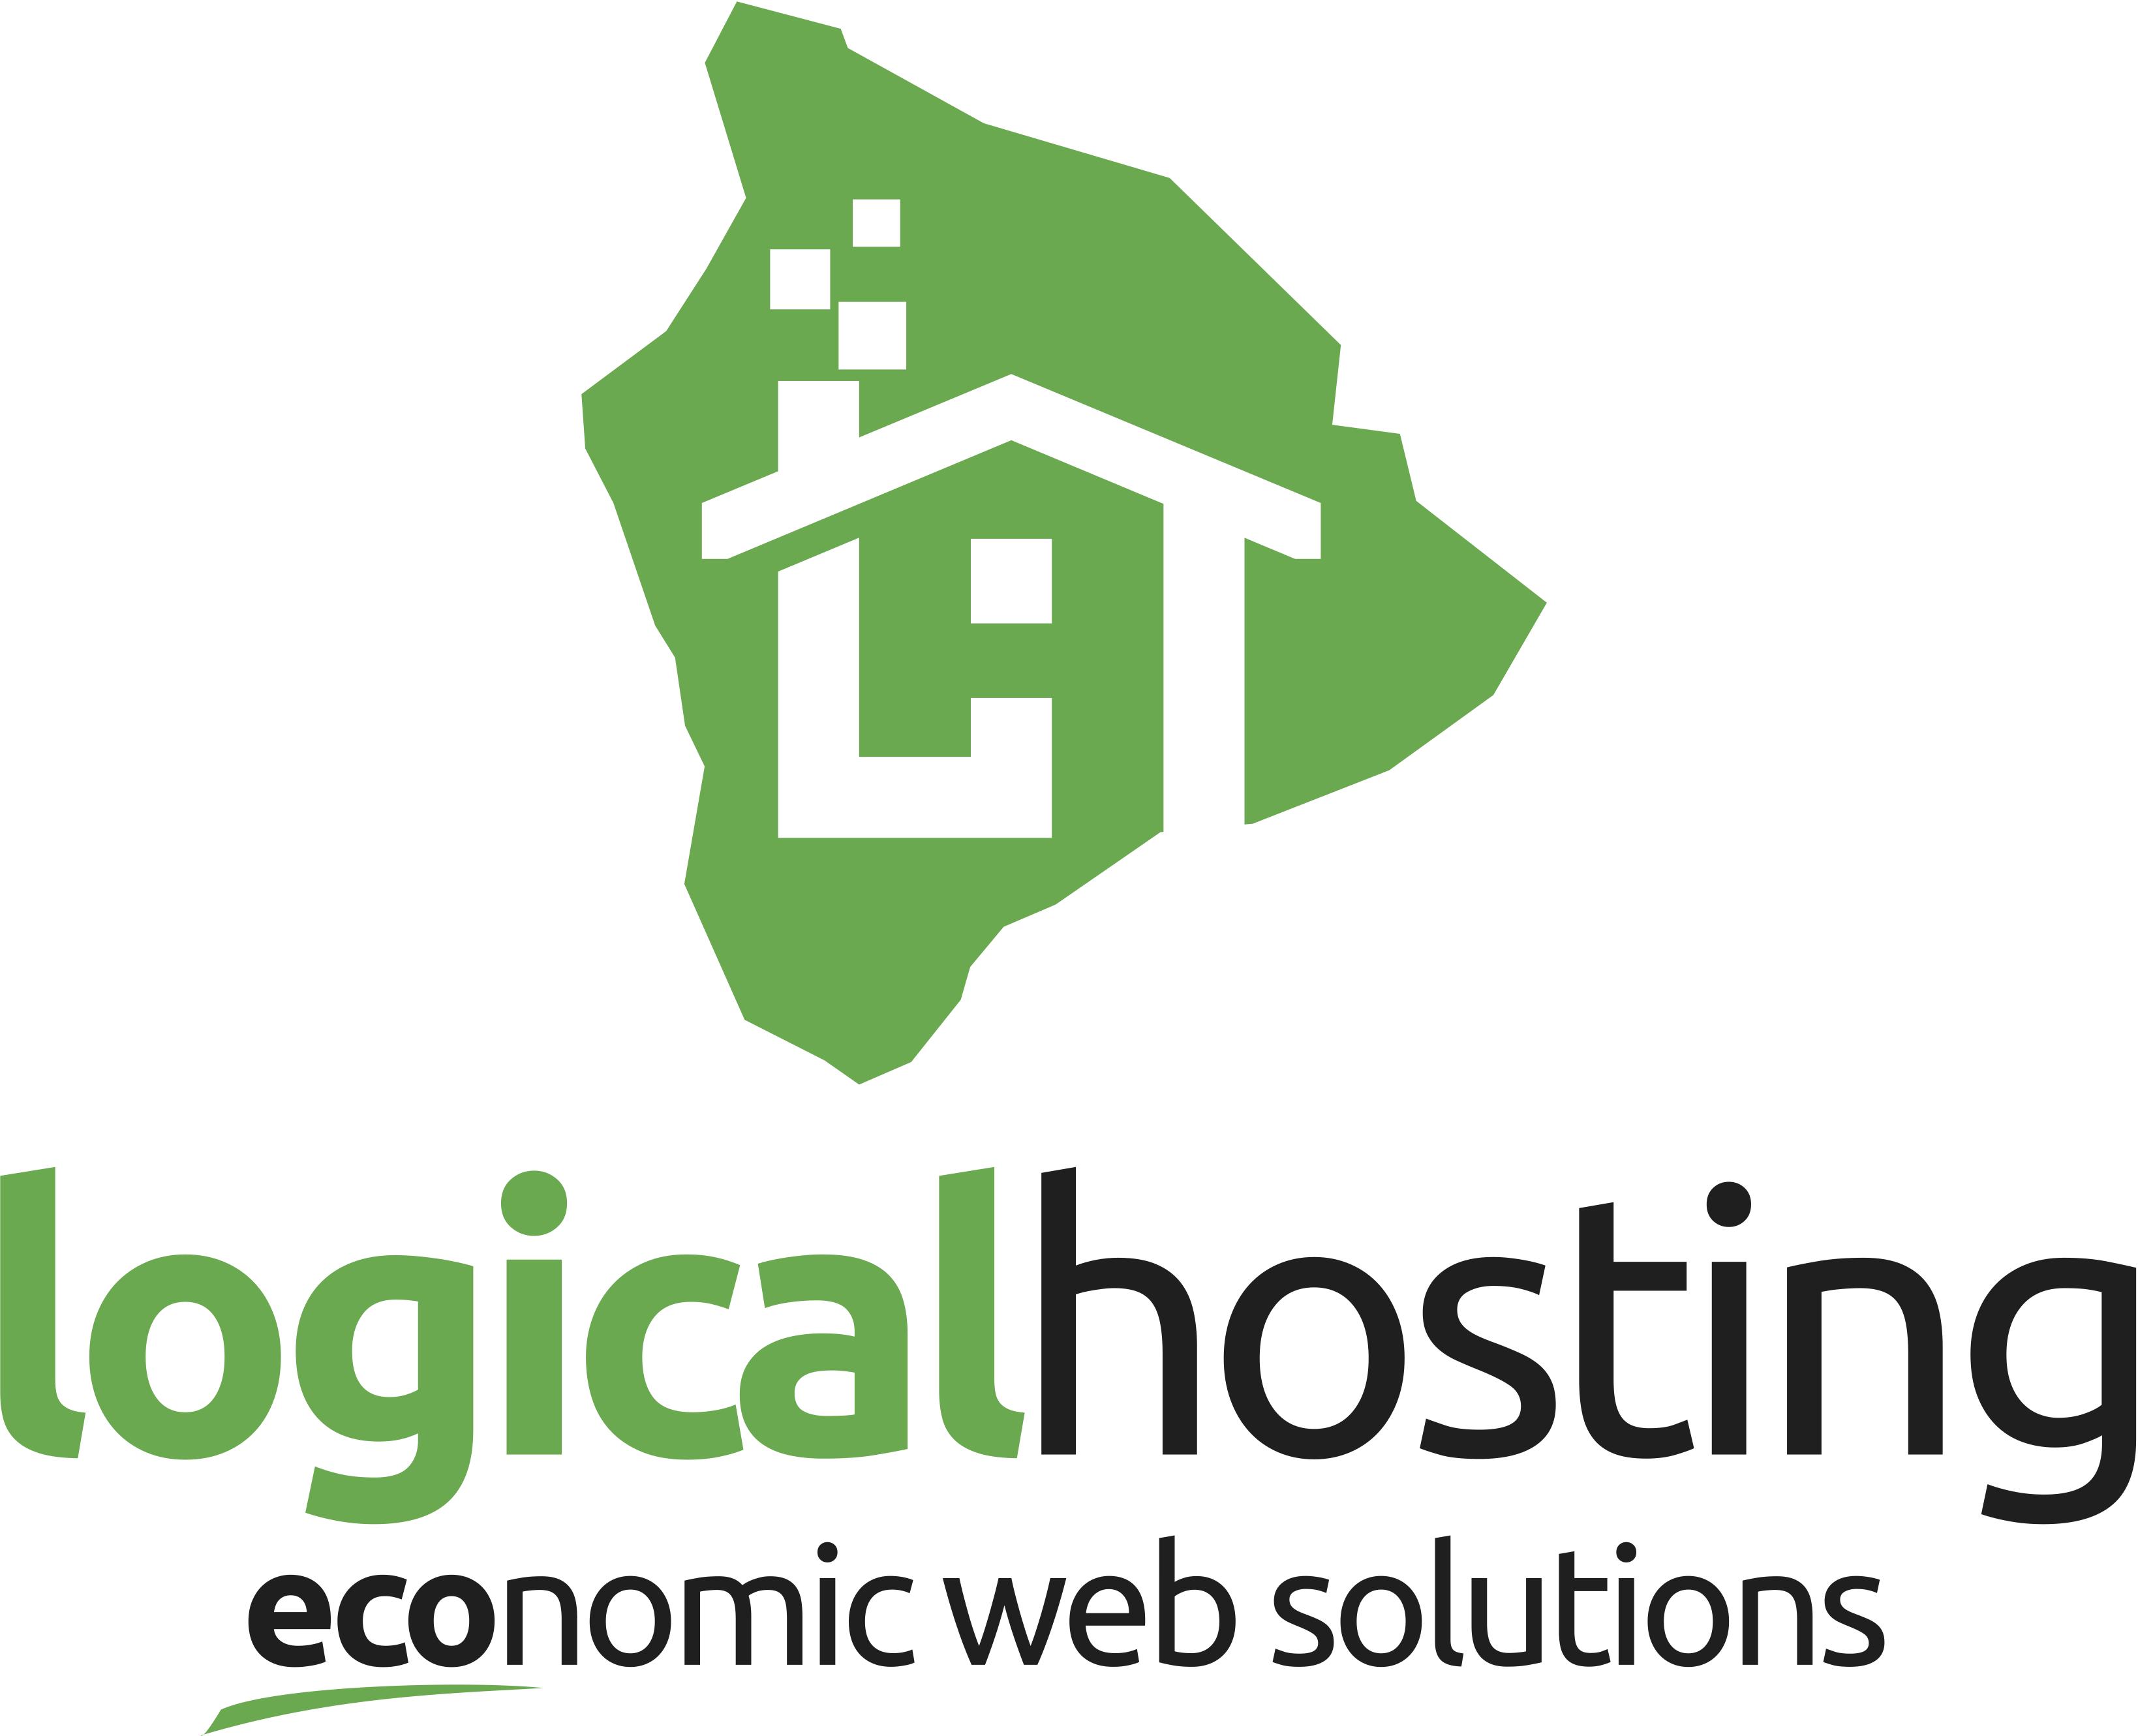 Logical Hosting